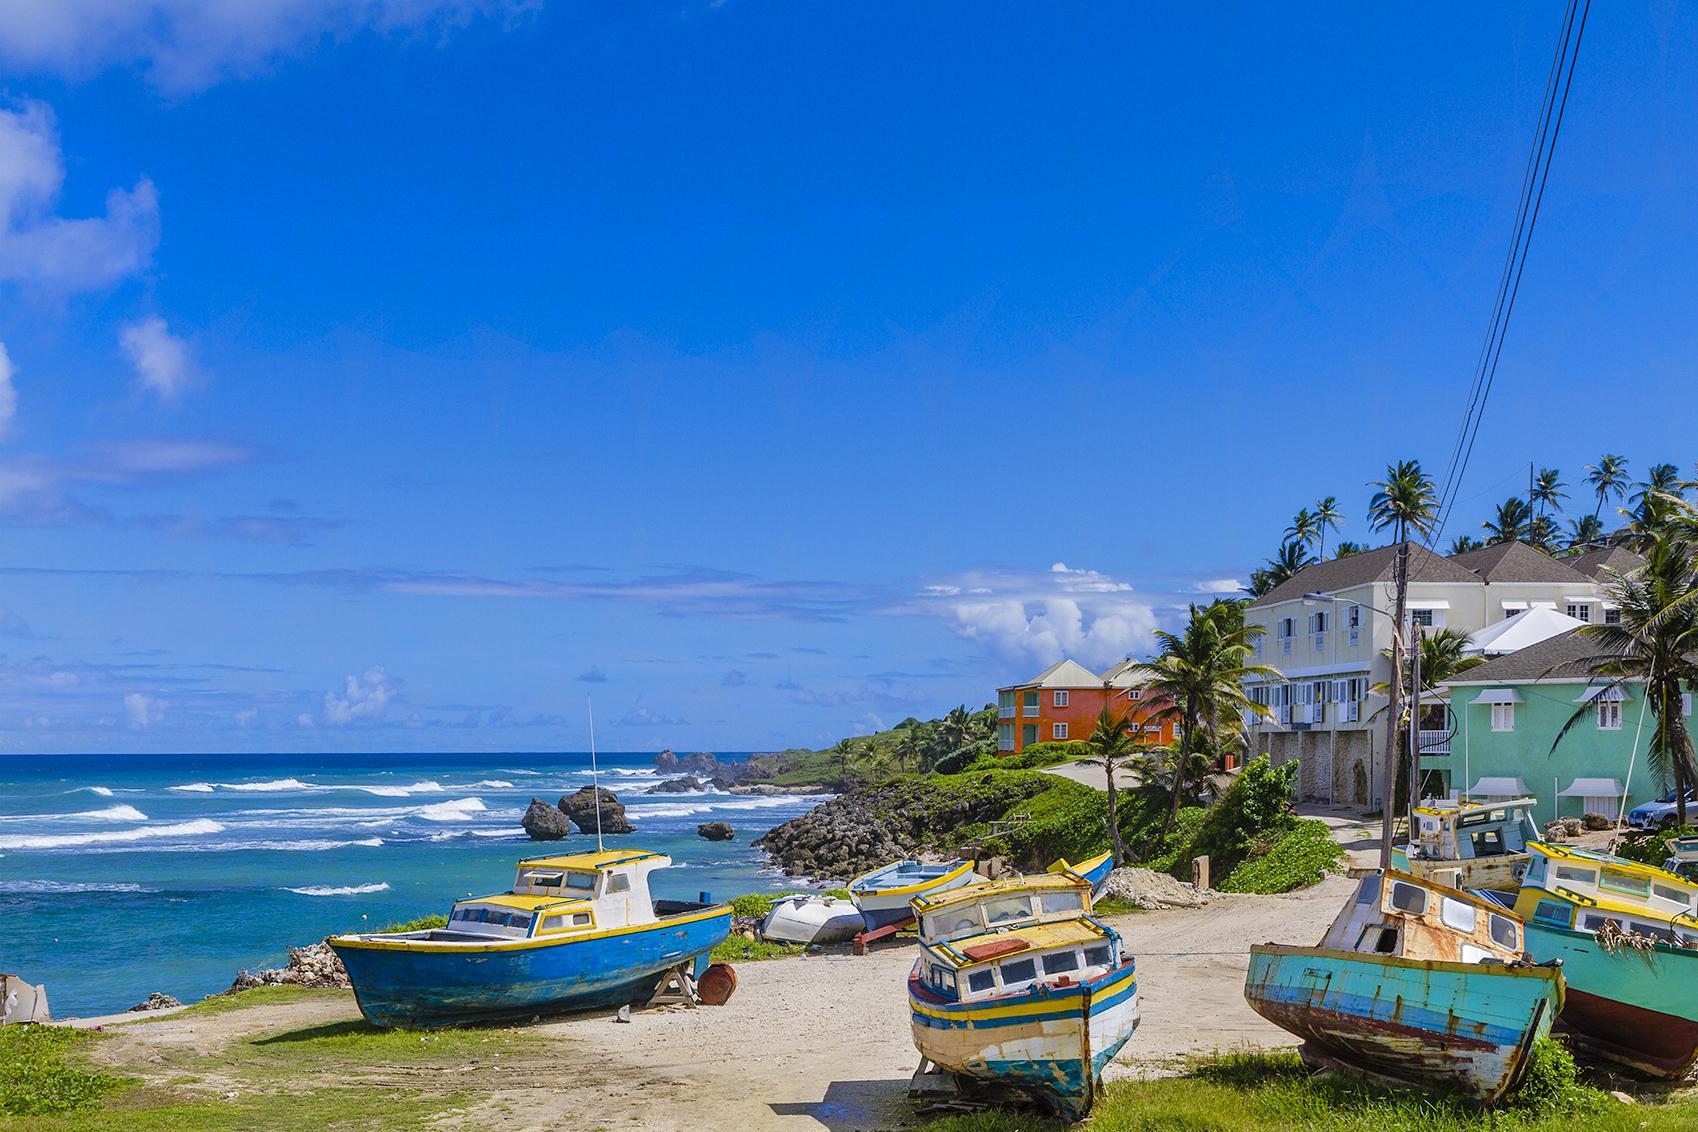 Barbados istock